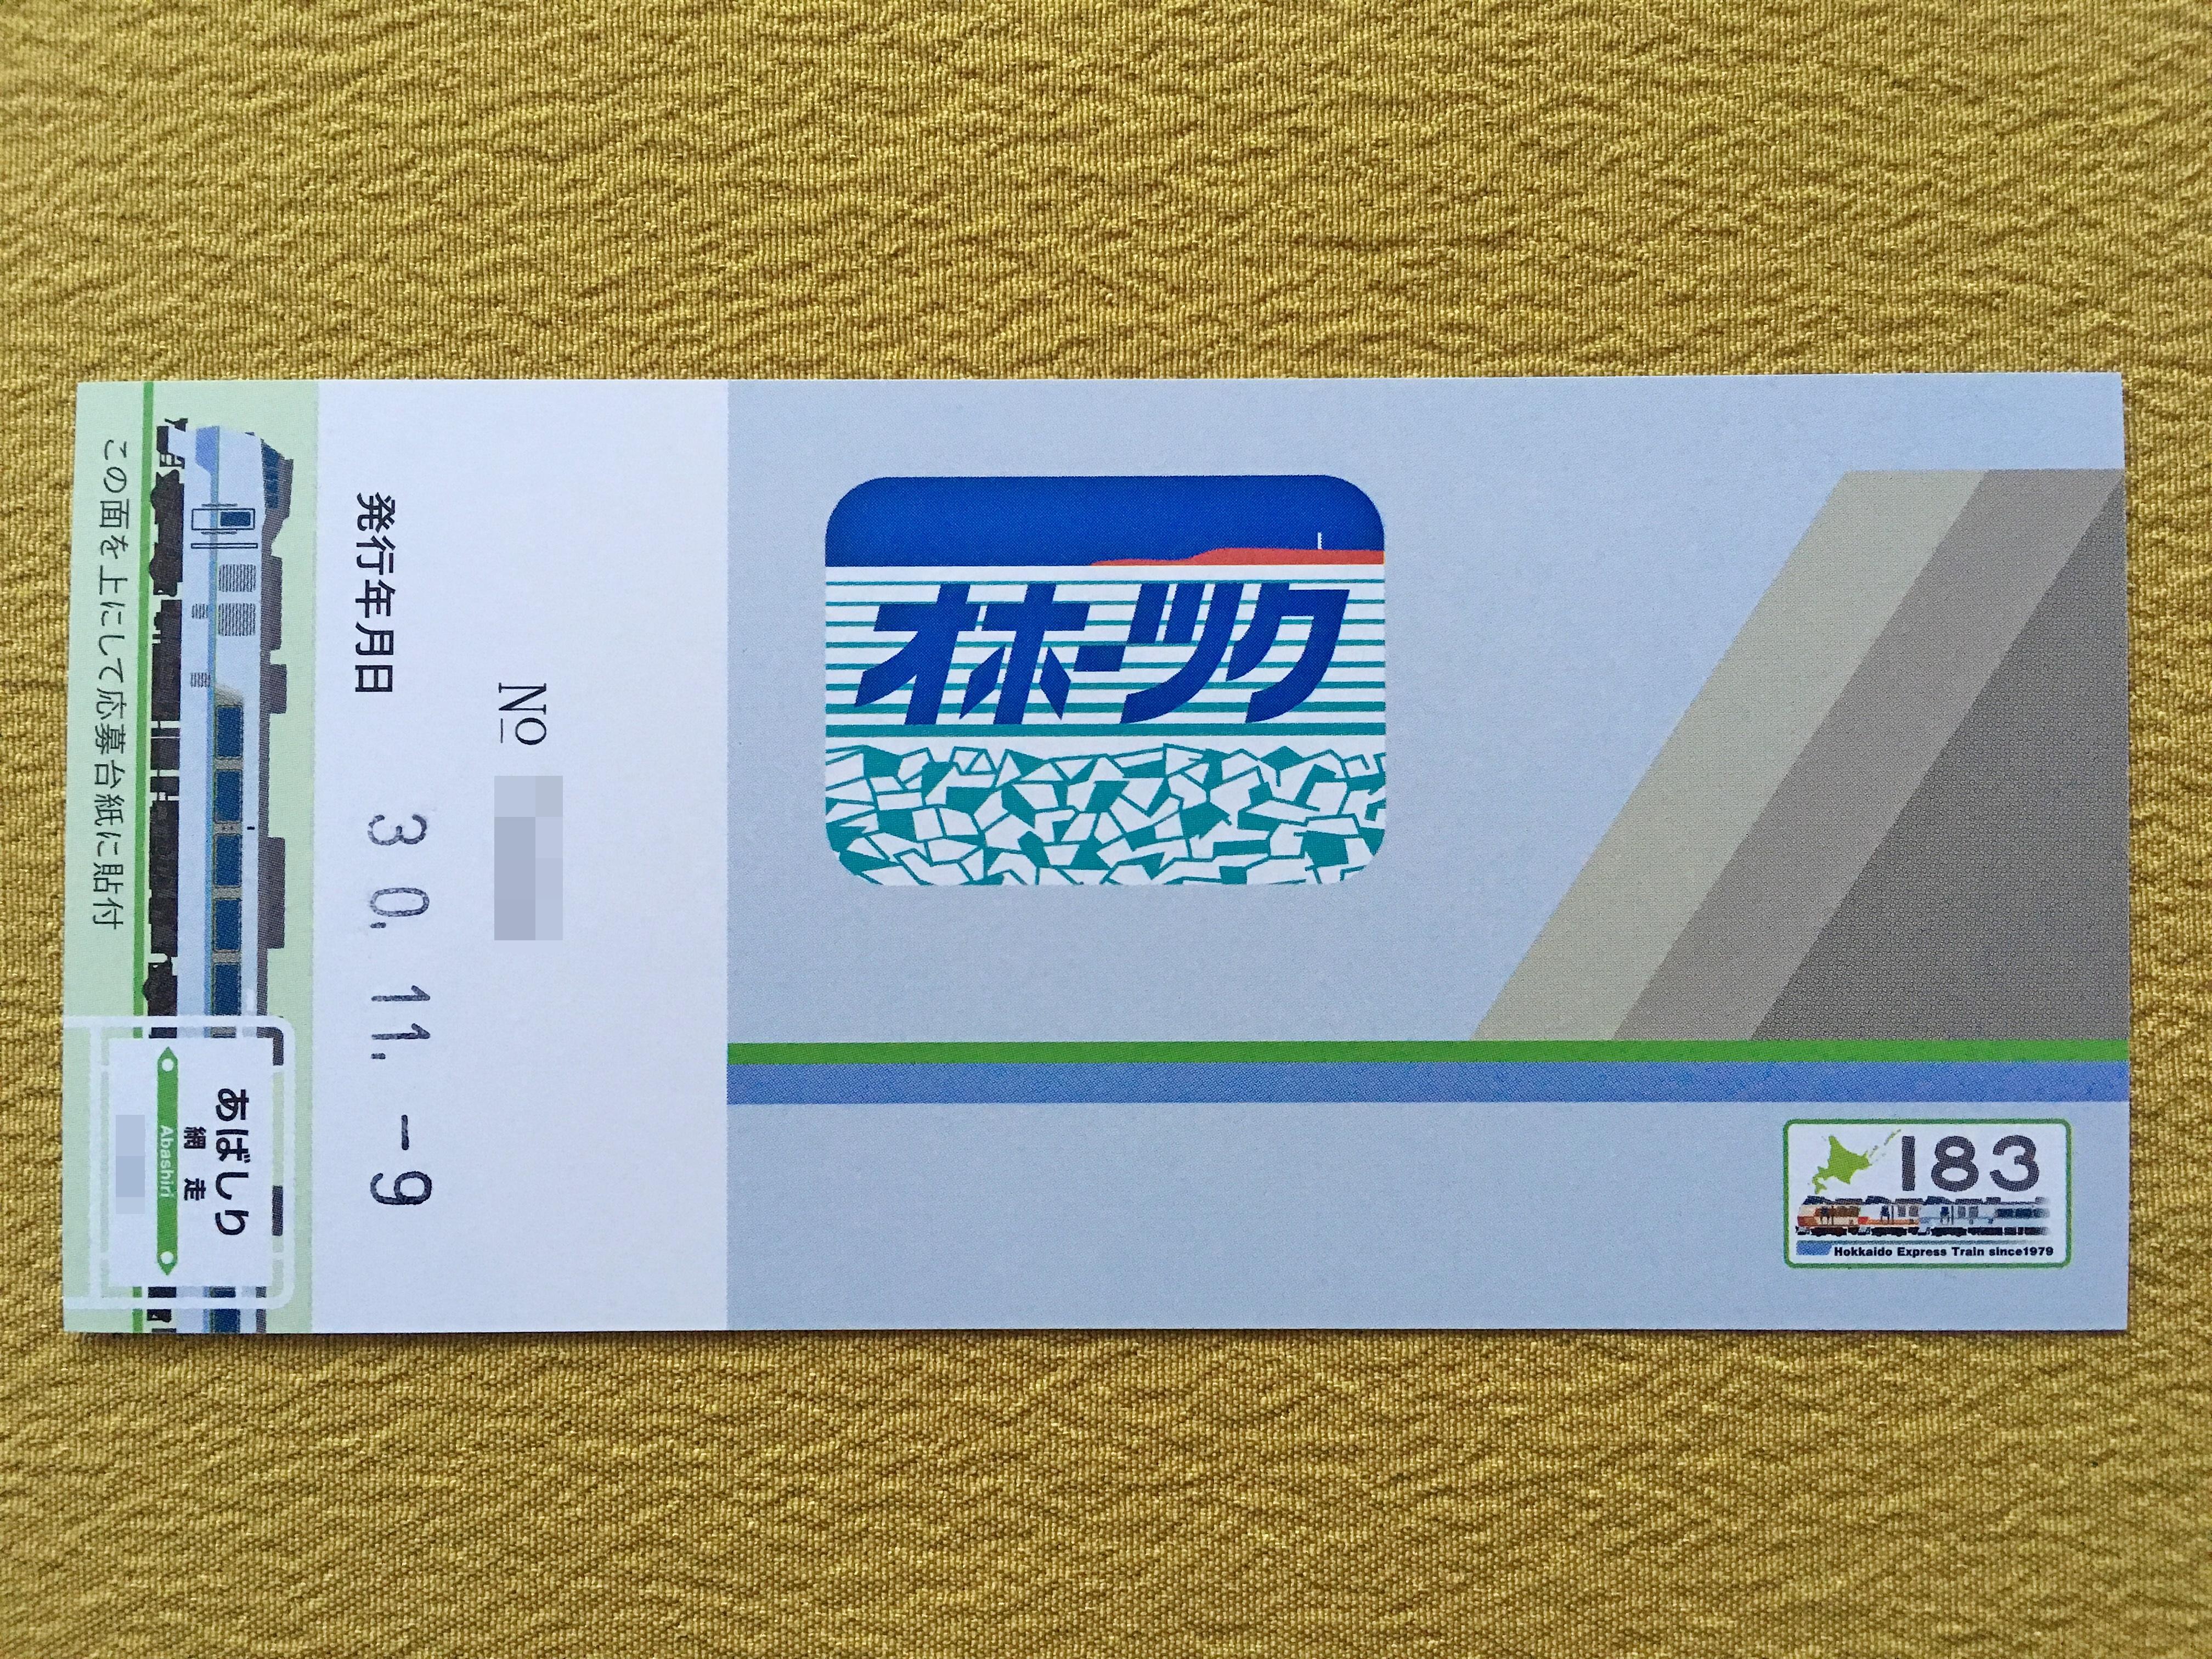 キハ183-0系記念入場券 網走駅裏.JPG